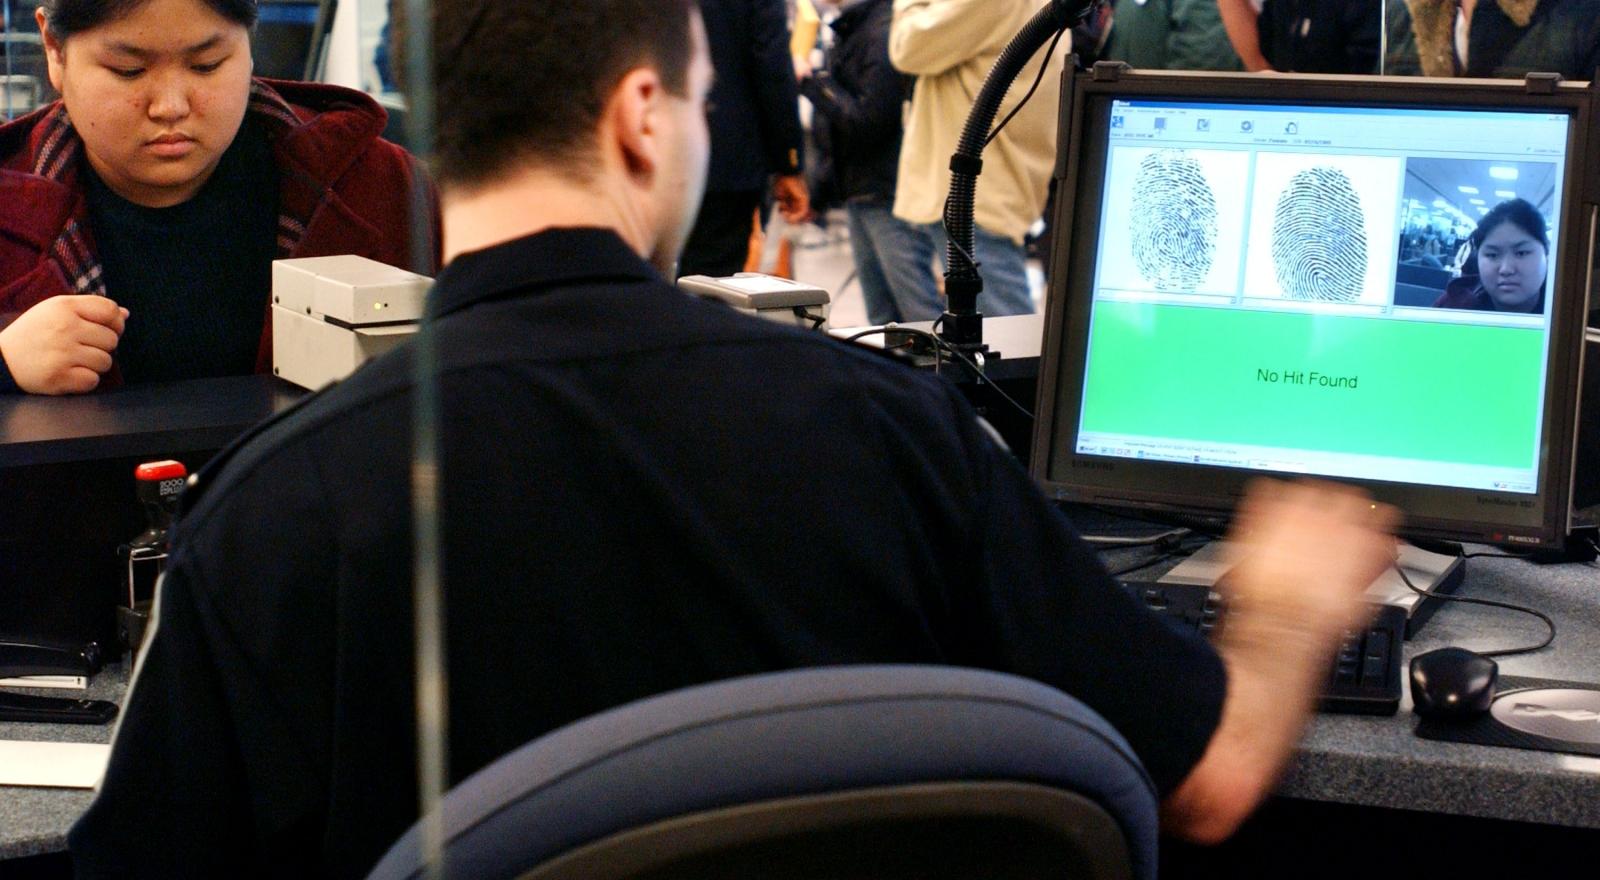 Biometric immigration scanner at JFK airport